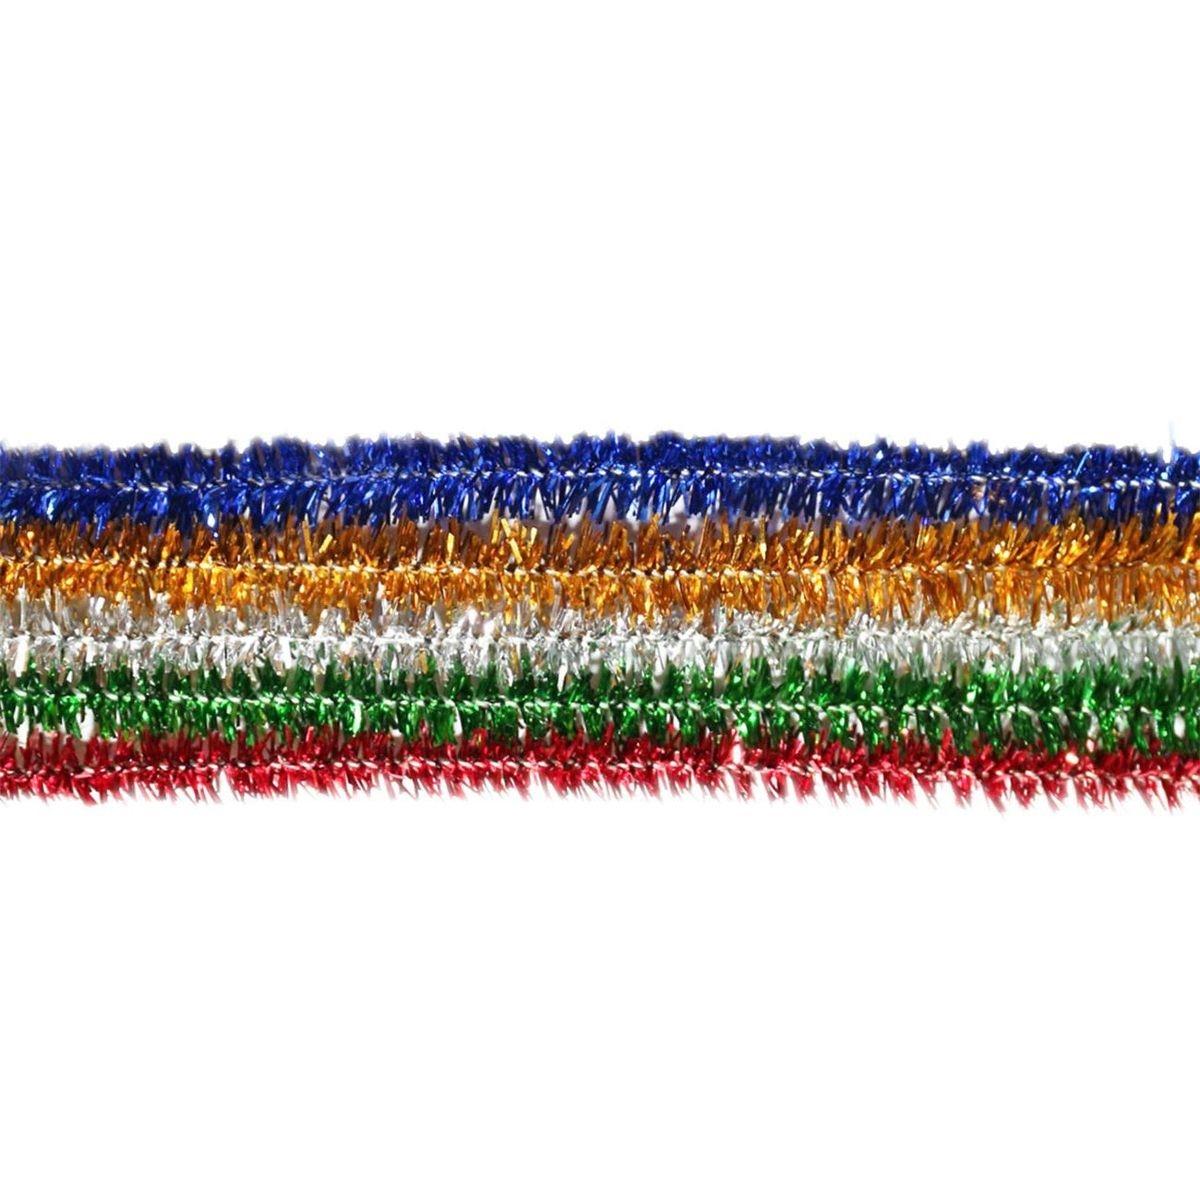 Druciki kreatywne, 25 szt. - metalizowane, mix kolorów (282815)